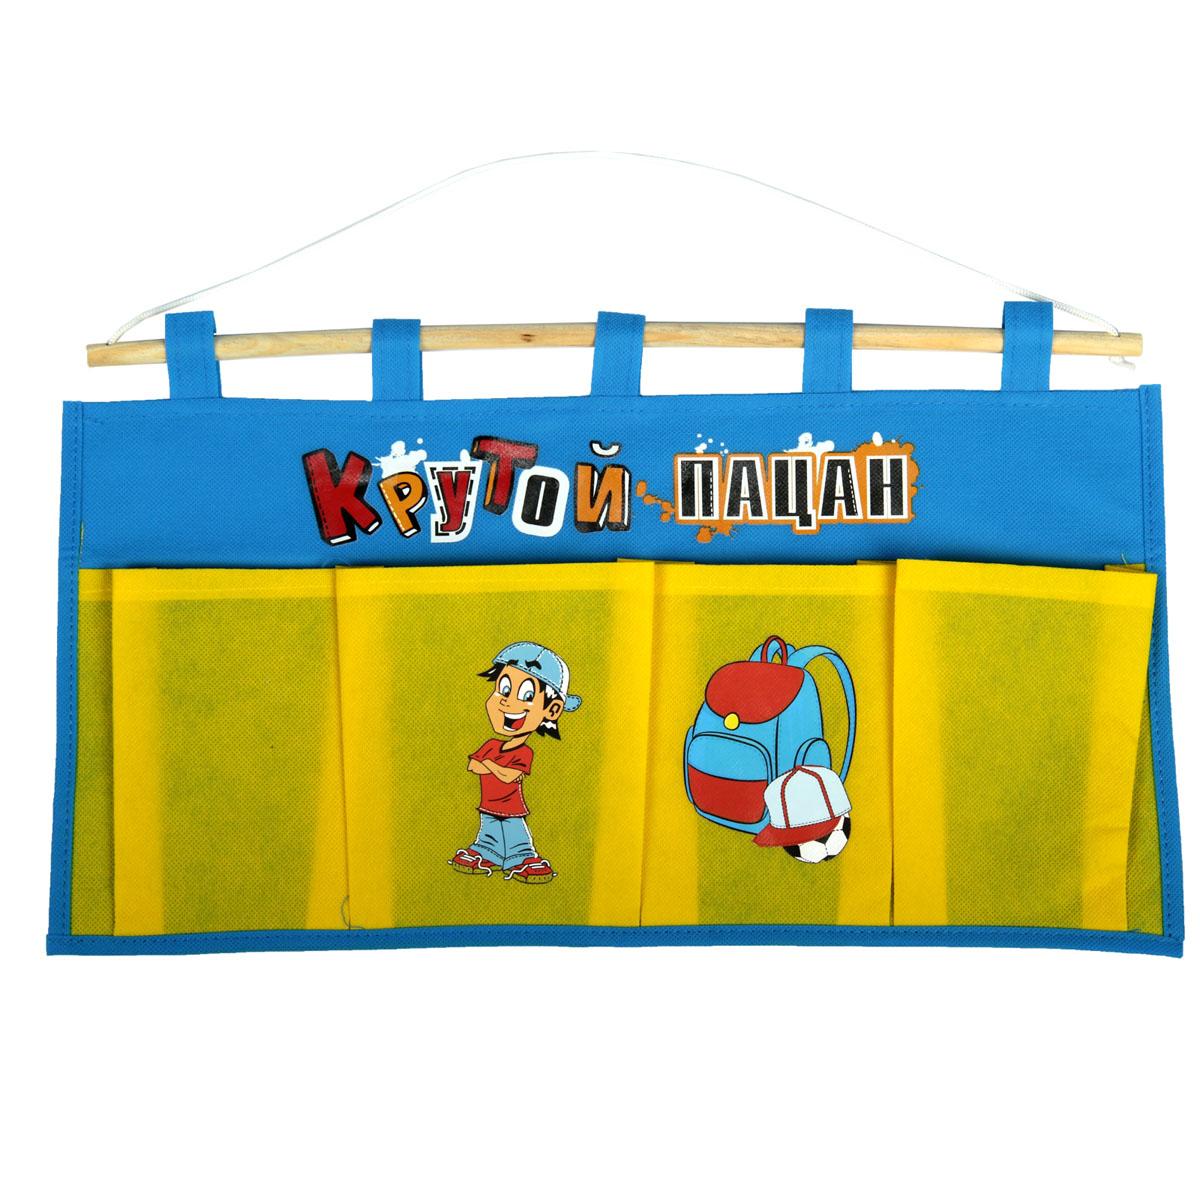 Кармашки на стену Sima-land Крутой пацан, цвет: голубой, желтый, красный, 4 штTD 0033Кармашки на стену Sima-land «Крутой пацан», изготовленные из текстиля, предназначены для хранения необходимых вещей, множества мелочей в гардеробной, ванной, детской комнатах. Изделие представляет собой текстильное полотно с четырьмя пришитыми кармашками. Благодаря деревянной планке и шнурку, кармашки можно подвесить на стену или дверь в необходимом для вас месте. Кармашки декорированы изображениями мальчика, рюкзака, футбольного мяча и надписью «Крутой пацан».Этот нужный предмет может стать одновременно и декоративным элементом комнаты. Яркий дизайн, как ничто иное, способен оживить интерьер вашего дома.